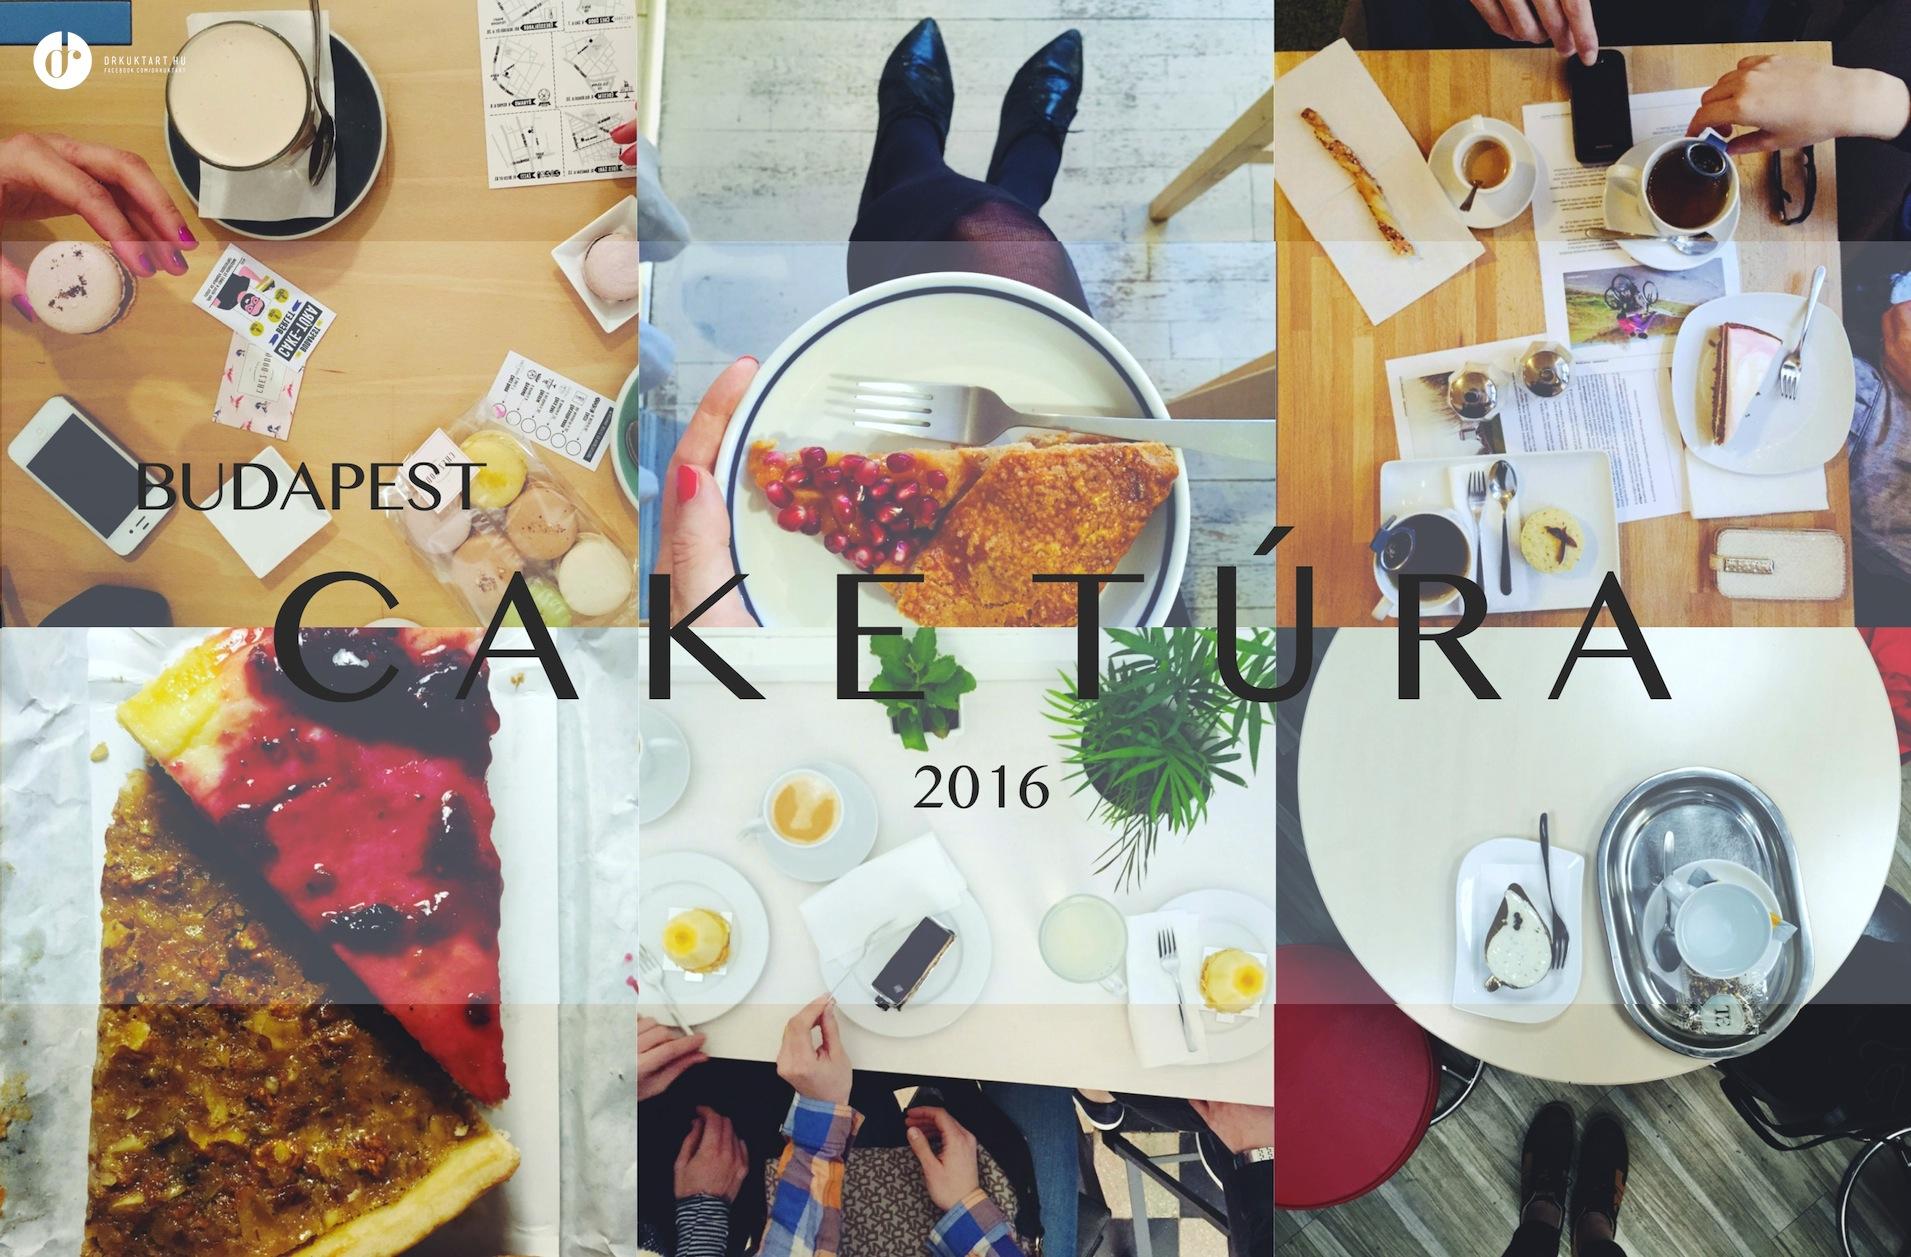 budapestcaketour201601.jpg